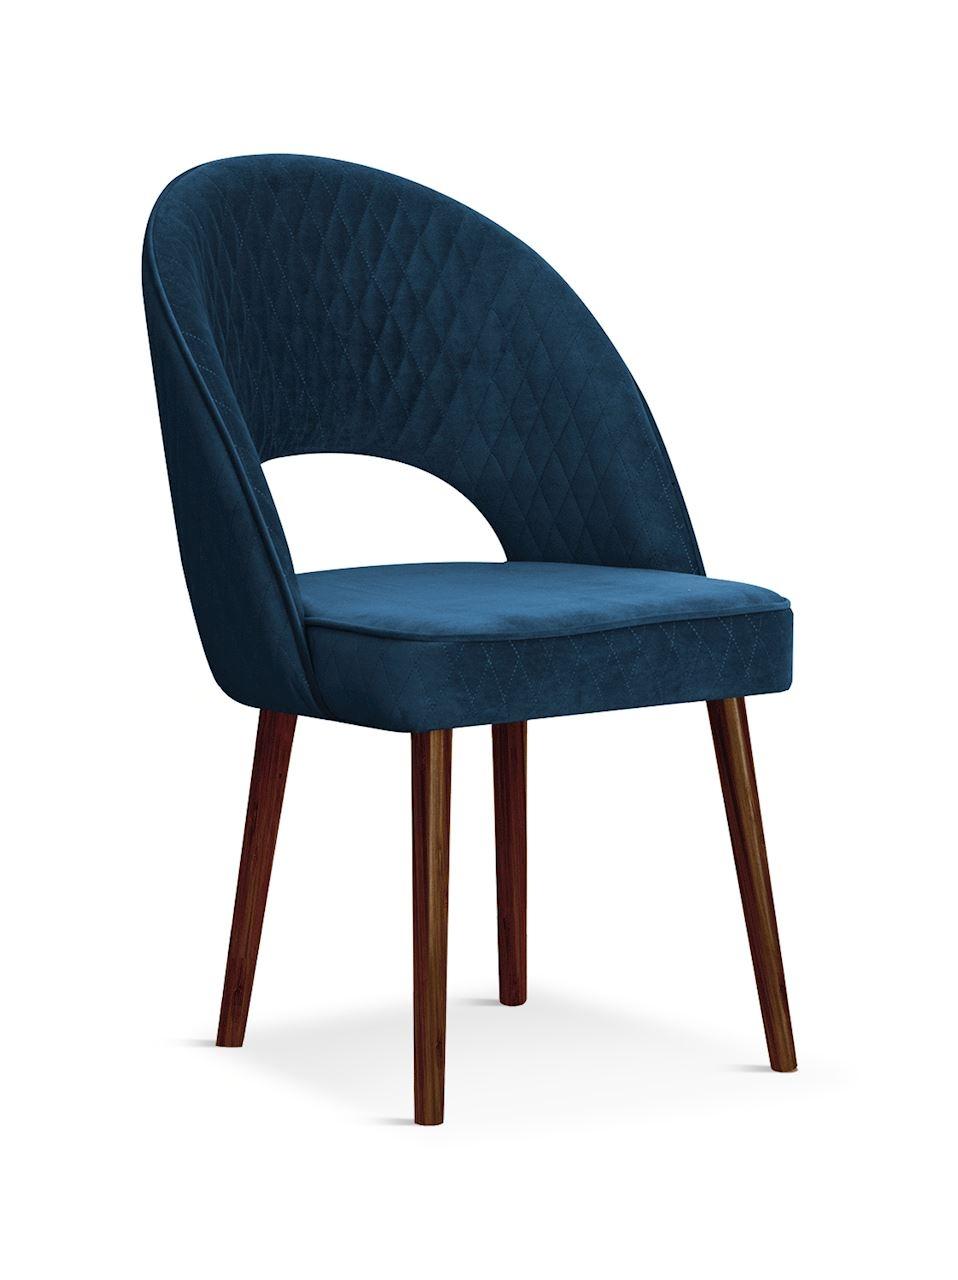 Scaun tapitat cu stofa, cu picioare din lemn Ponte Navy Blue / Walnut, l56xA63xH89 cm